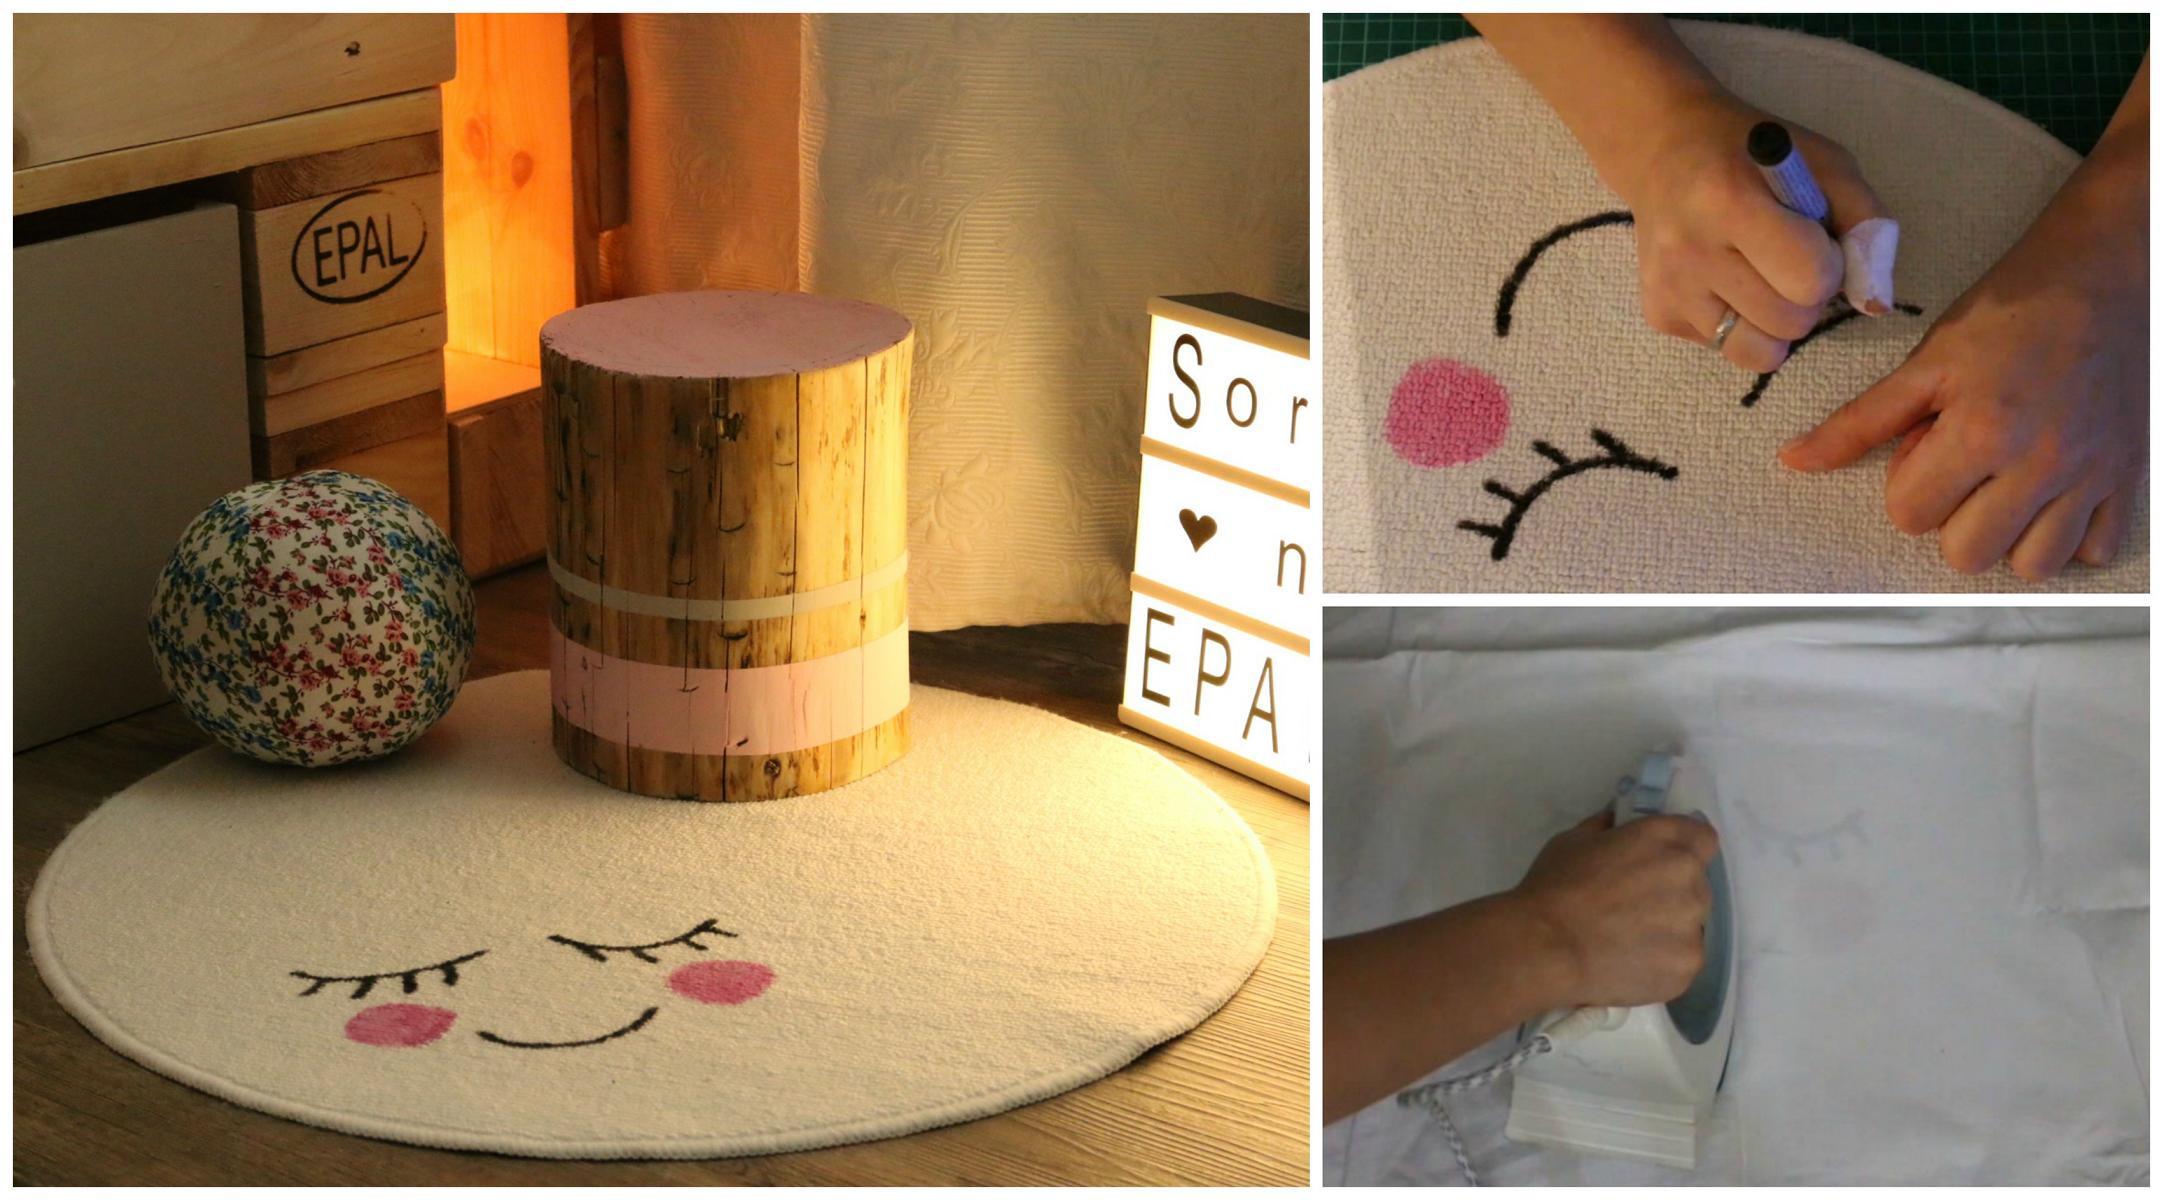 Diy Kinderzimmer Deko  Kinderzimmer DIY Deko selber machen Einrichten